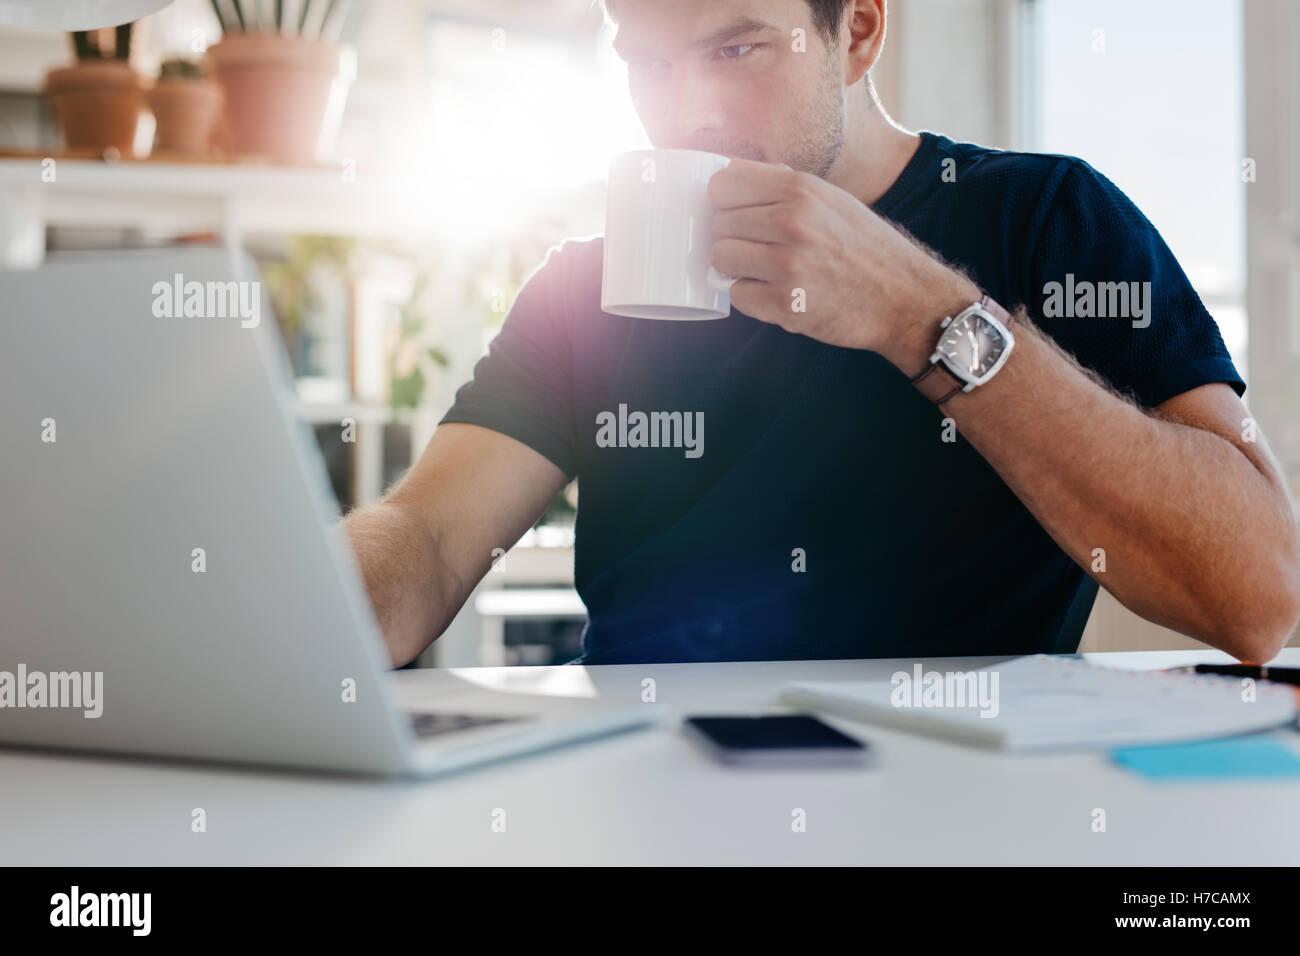 Bild der junge Geschäftsmann mit Tasse Kaffee mit Blick auf Laptop-Bildschirm am Arbeitsplatz. Männliche Stockbild